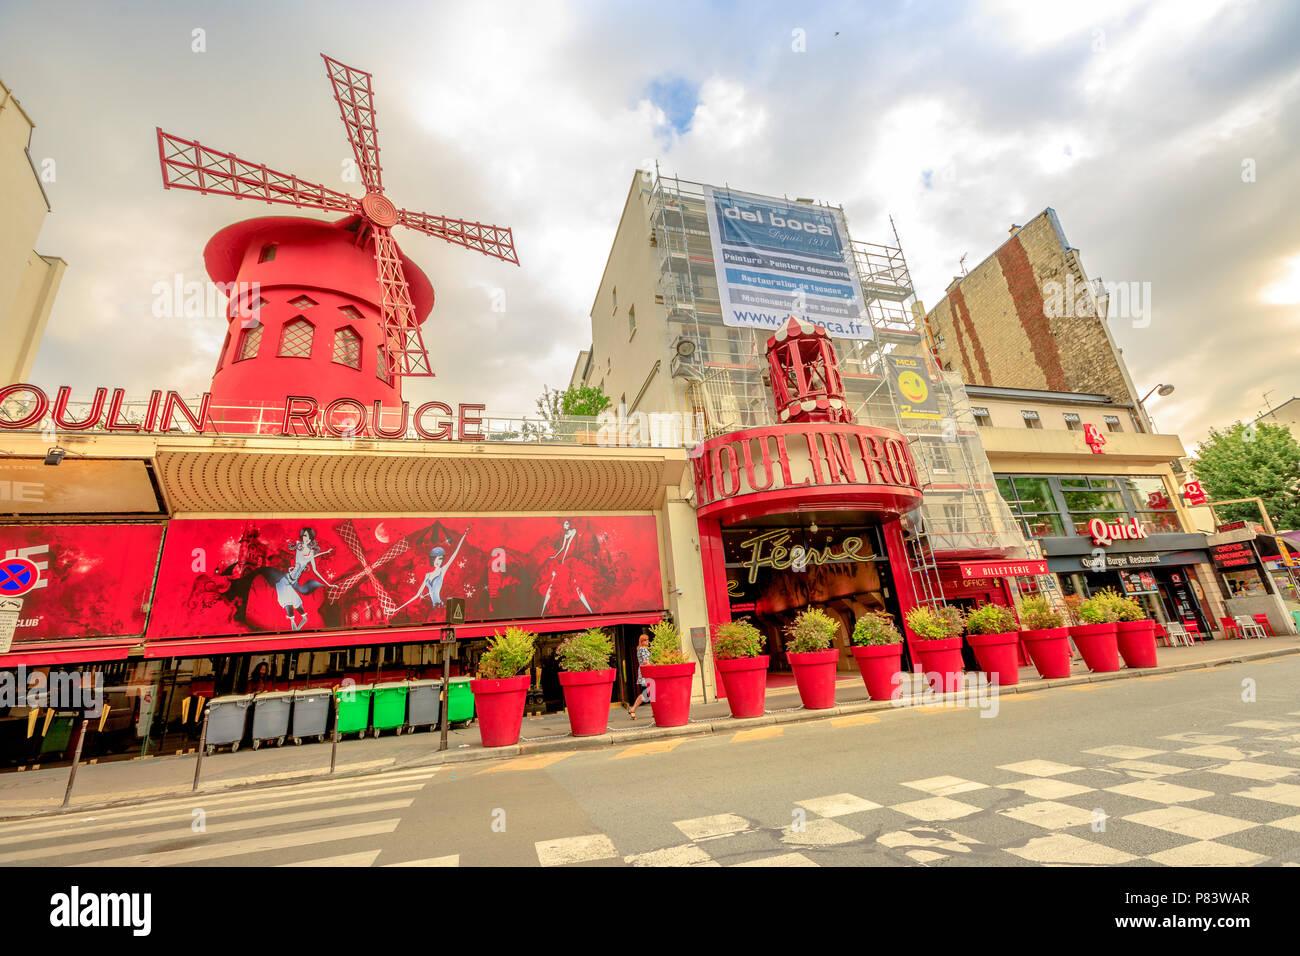 Paris, France - 1 juillet 2017: Boulevard de Clichy et la discothèque Moulin Rouge à Pigalle quartier des lumières rouges. Historique Le plus populaire attraction théâtre et cabaret de Paris.Tourisme à Paris Capitale Photo Stock